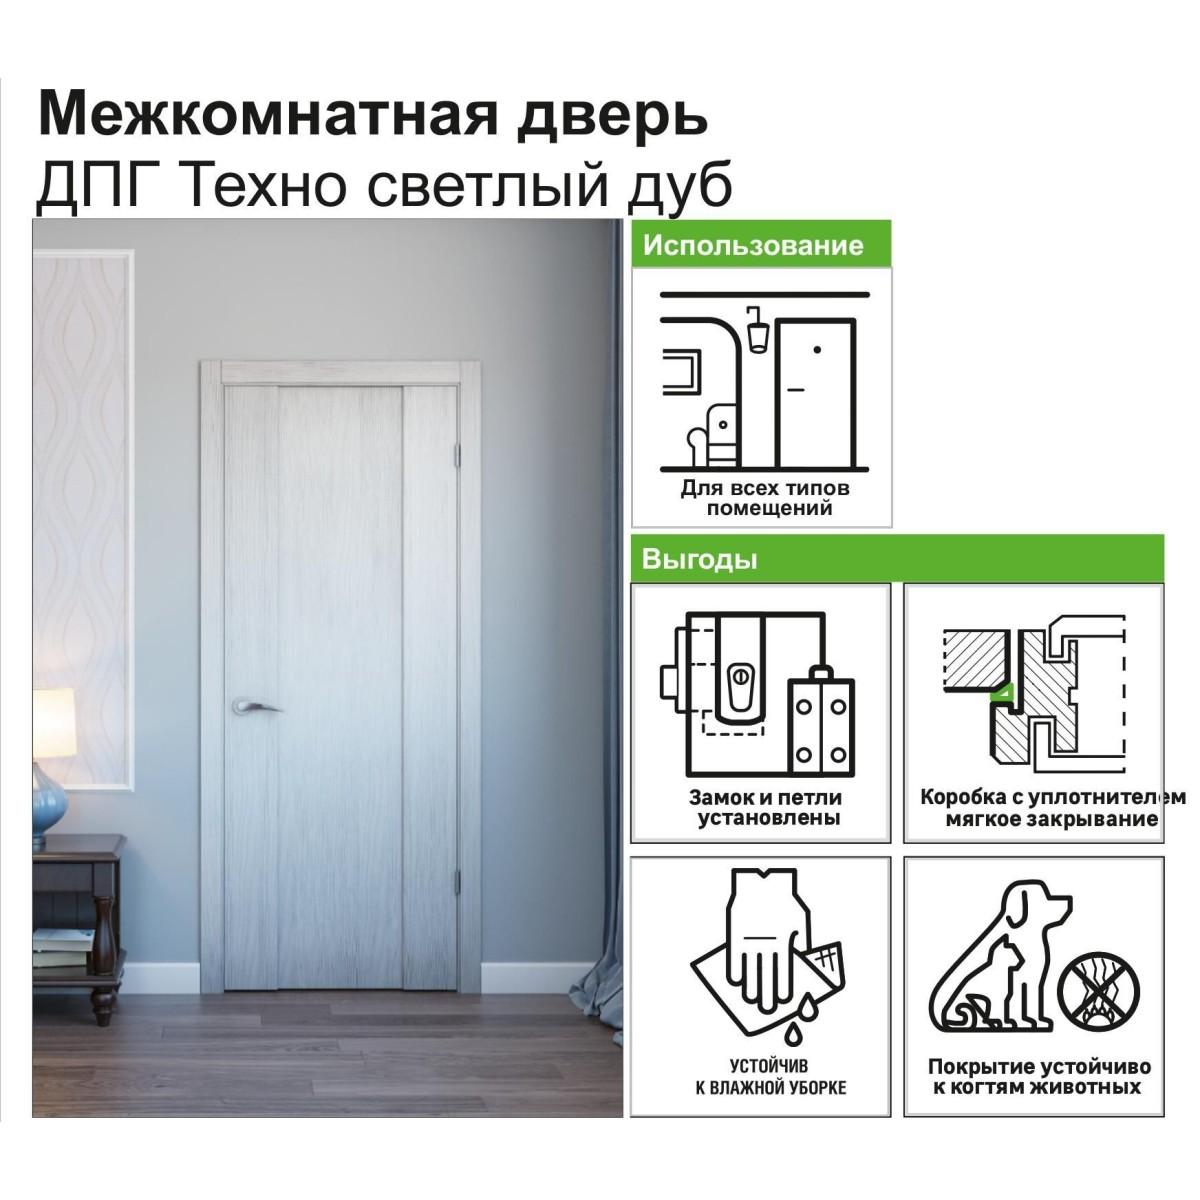 Дверь Межкомнатная Глухая Техно 90x200 Цвет Дуб Светло-Серый